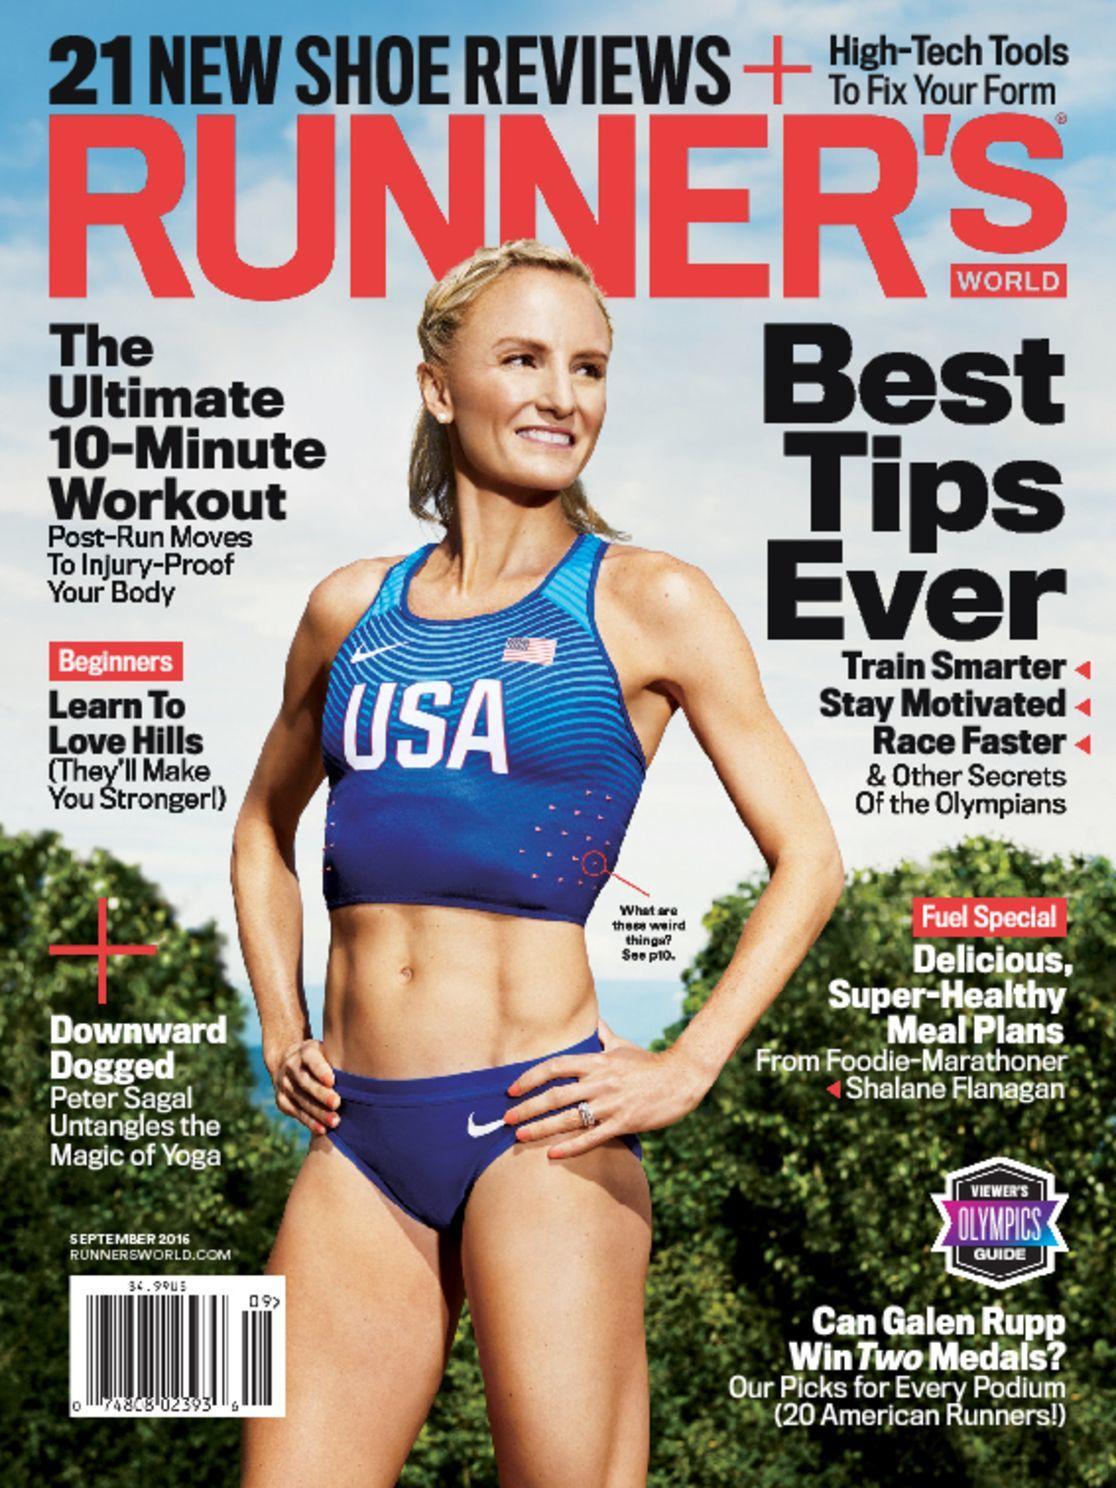 Runner's World Magazine $5.50 per year